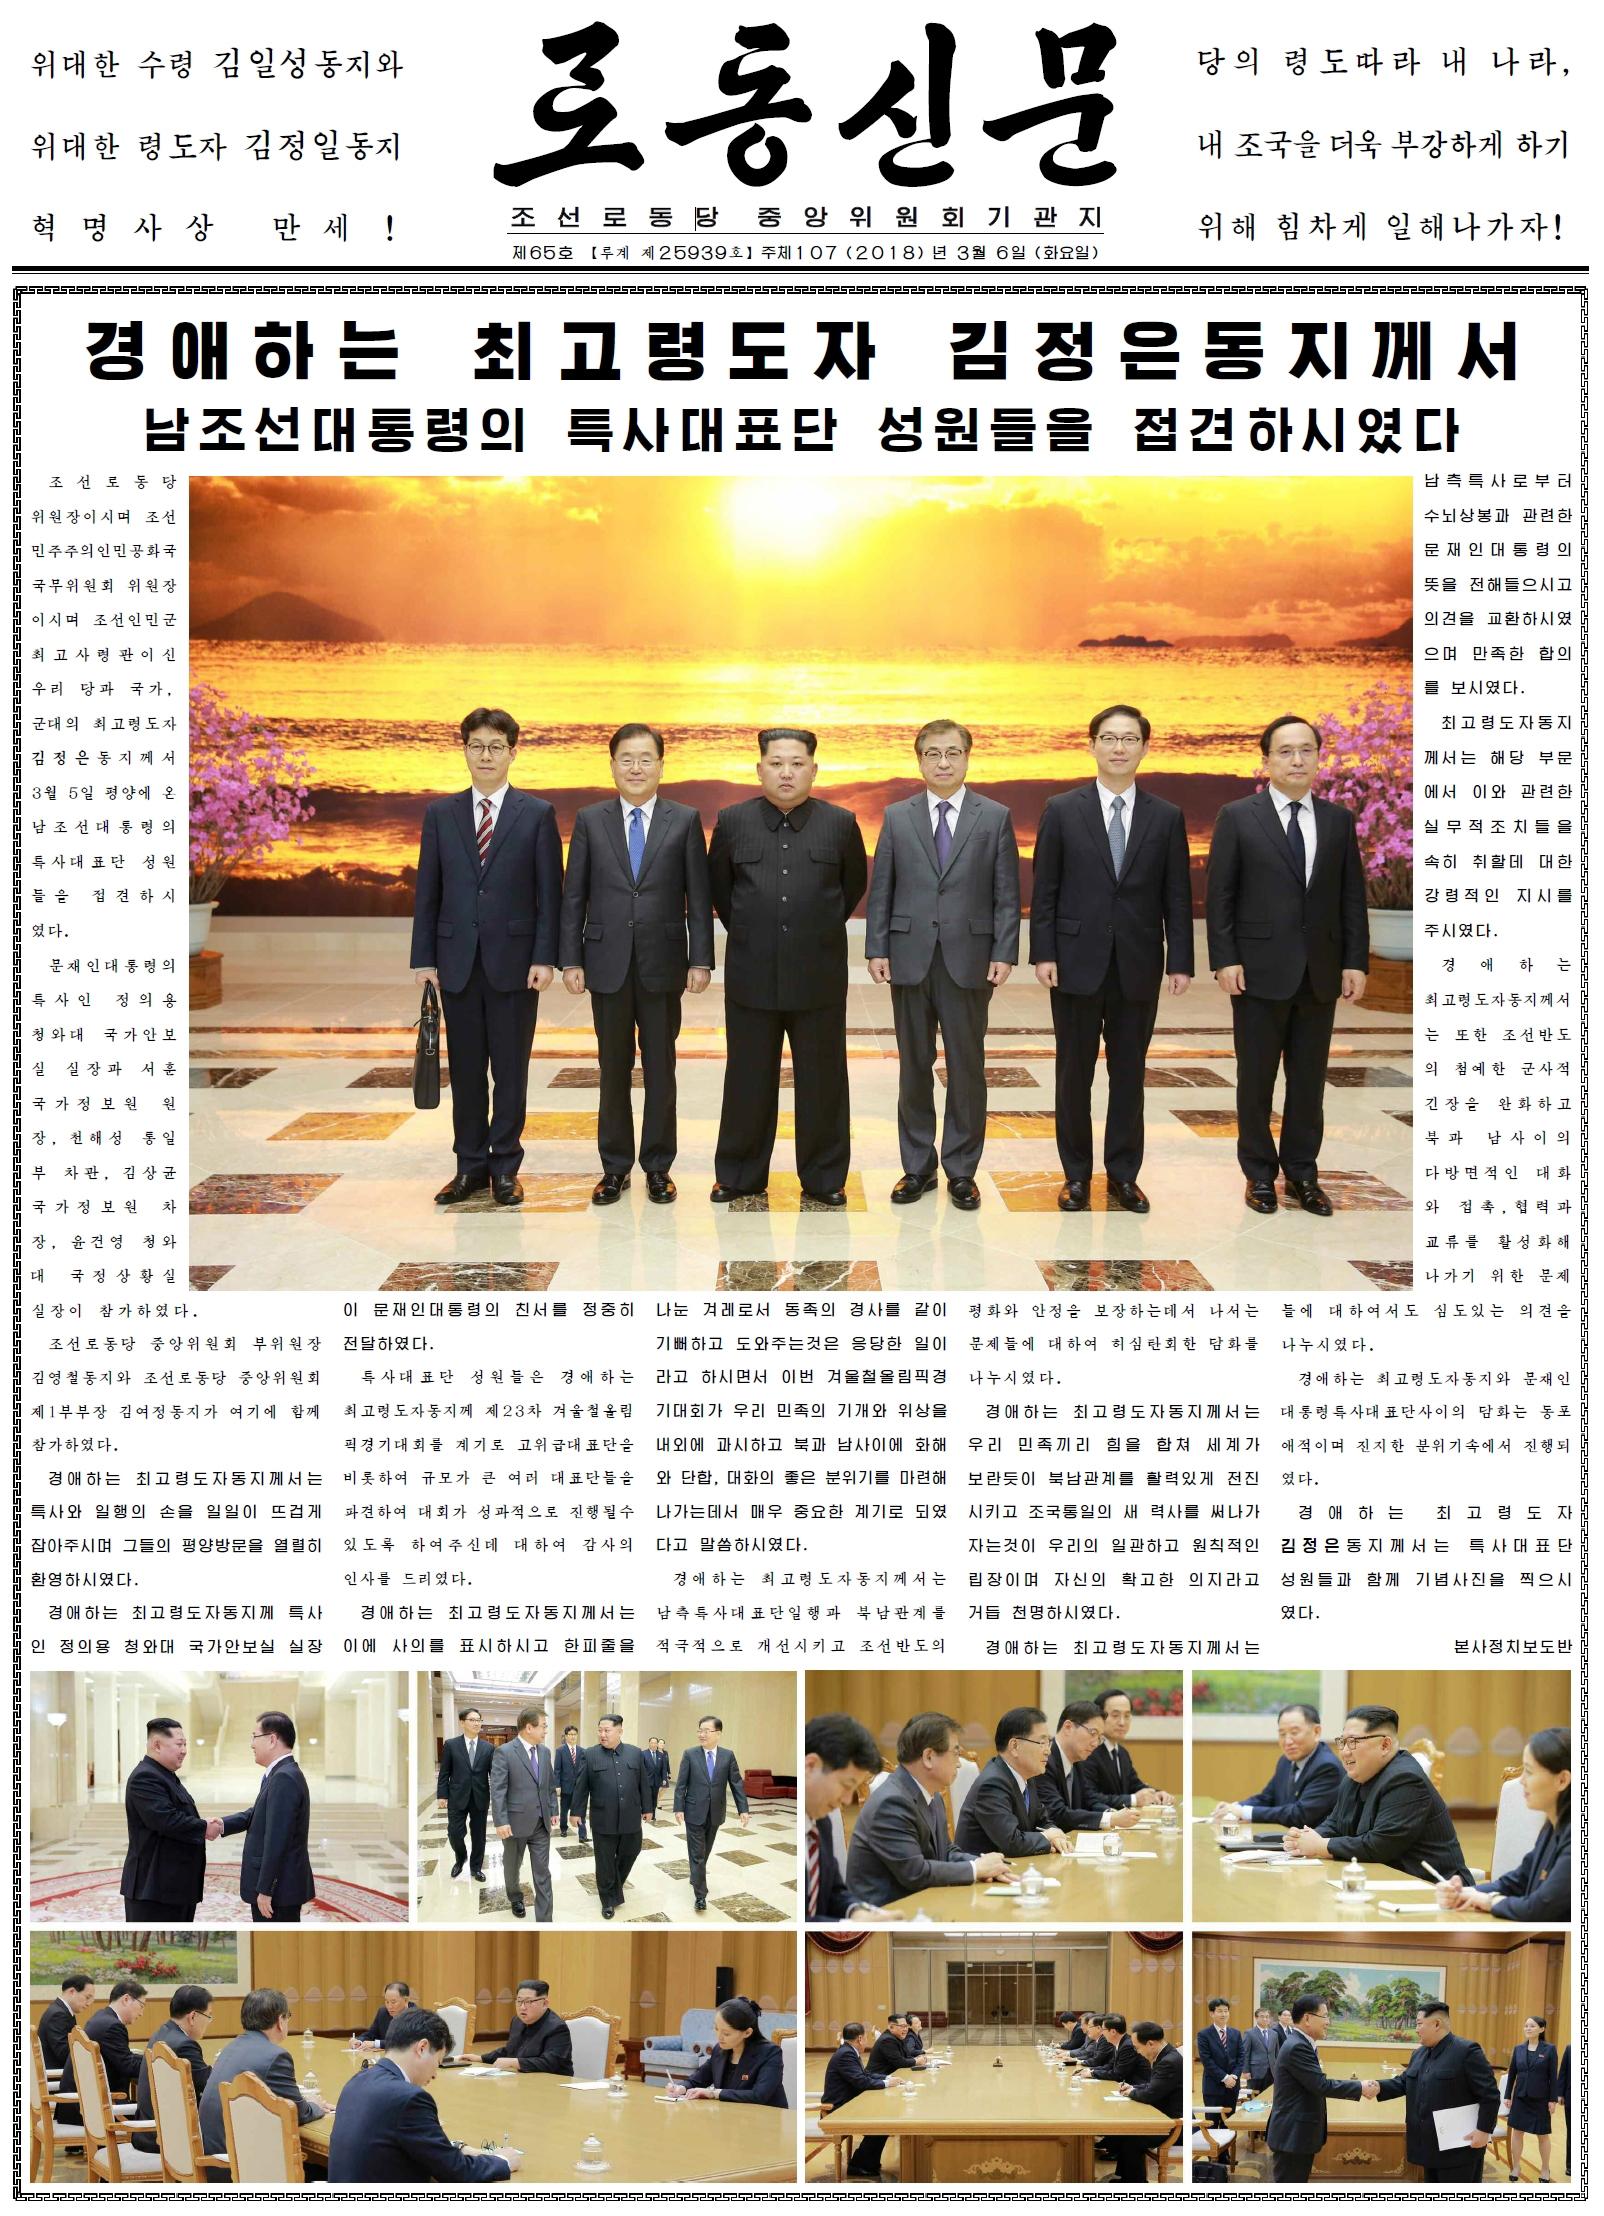 북한 노동신문, 김정은-대북특사단 사진·기사 1면 게재